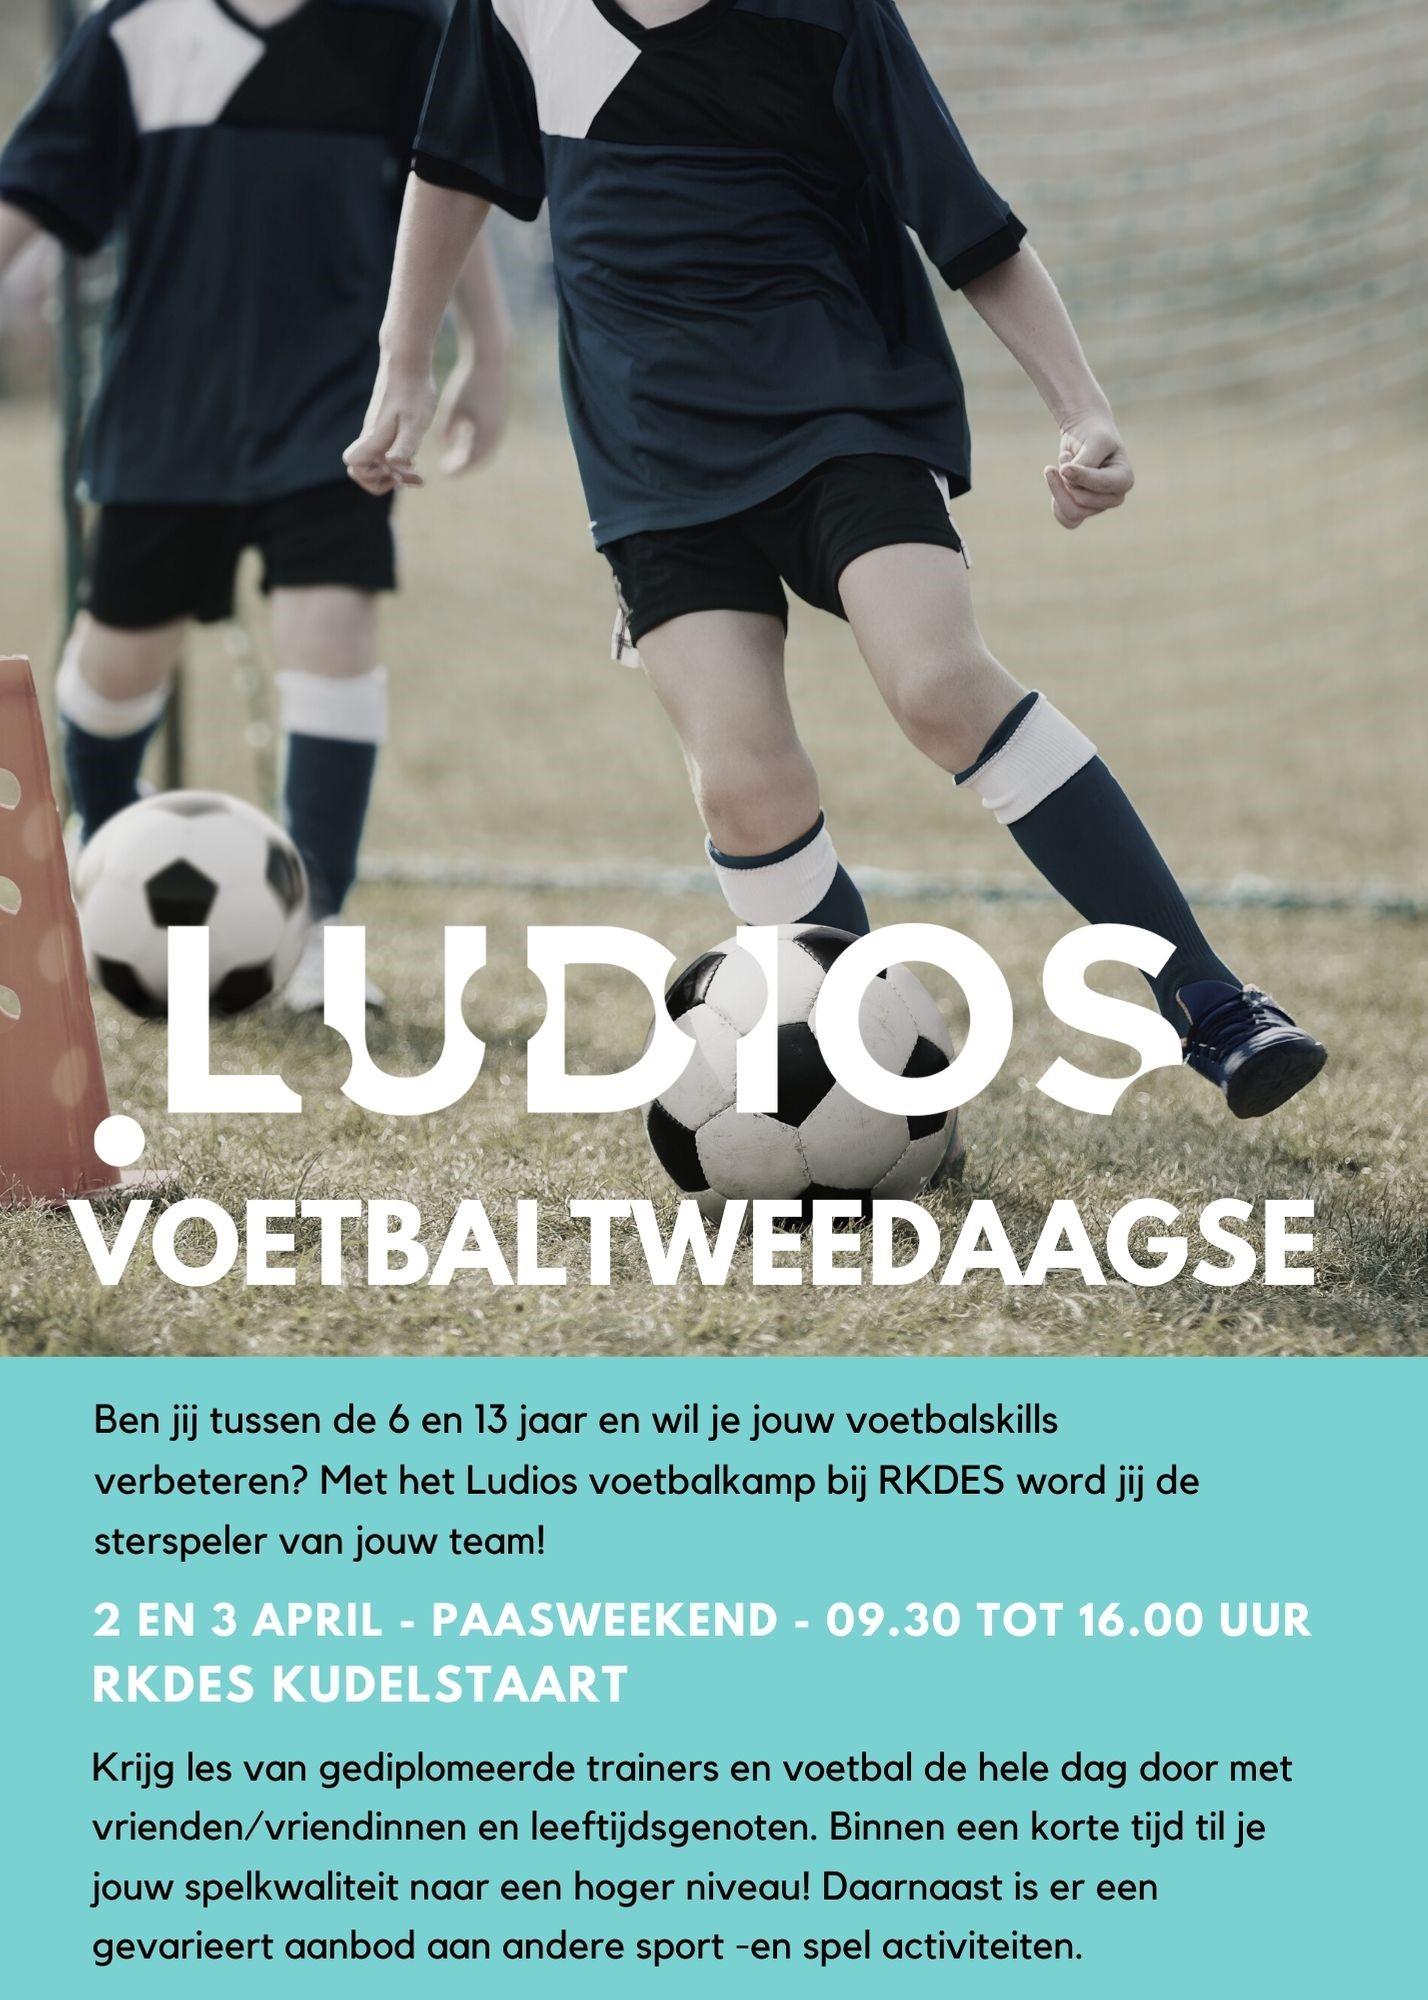 Ludios Voetbalkamp met Pasen gaat door! Aanmelden nog mogelijk.